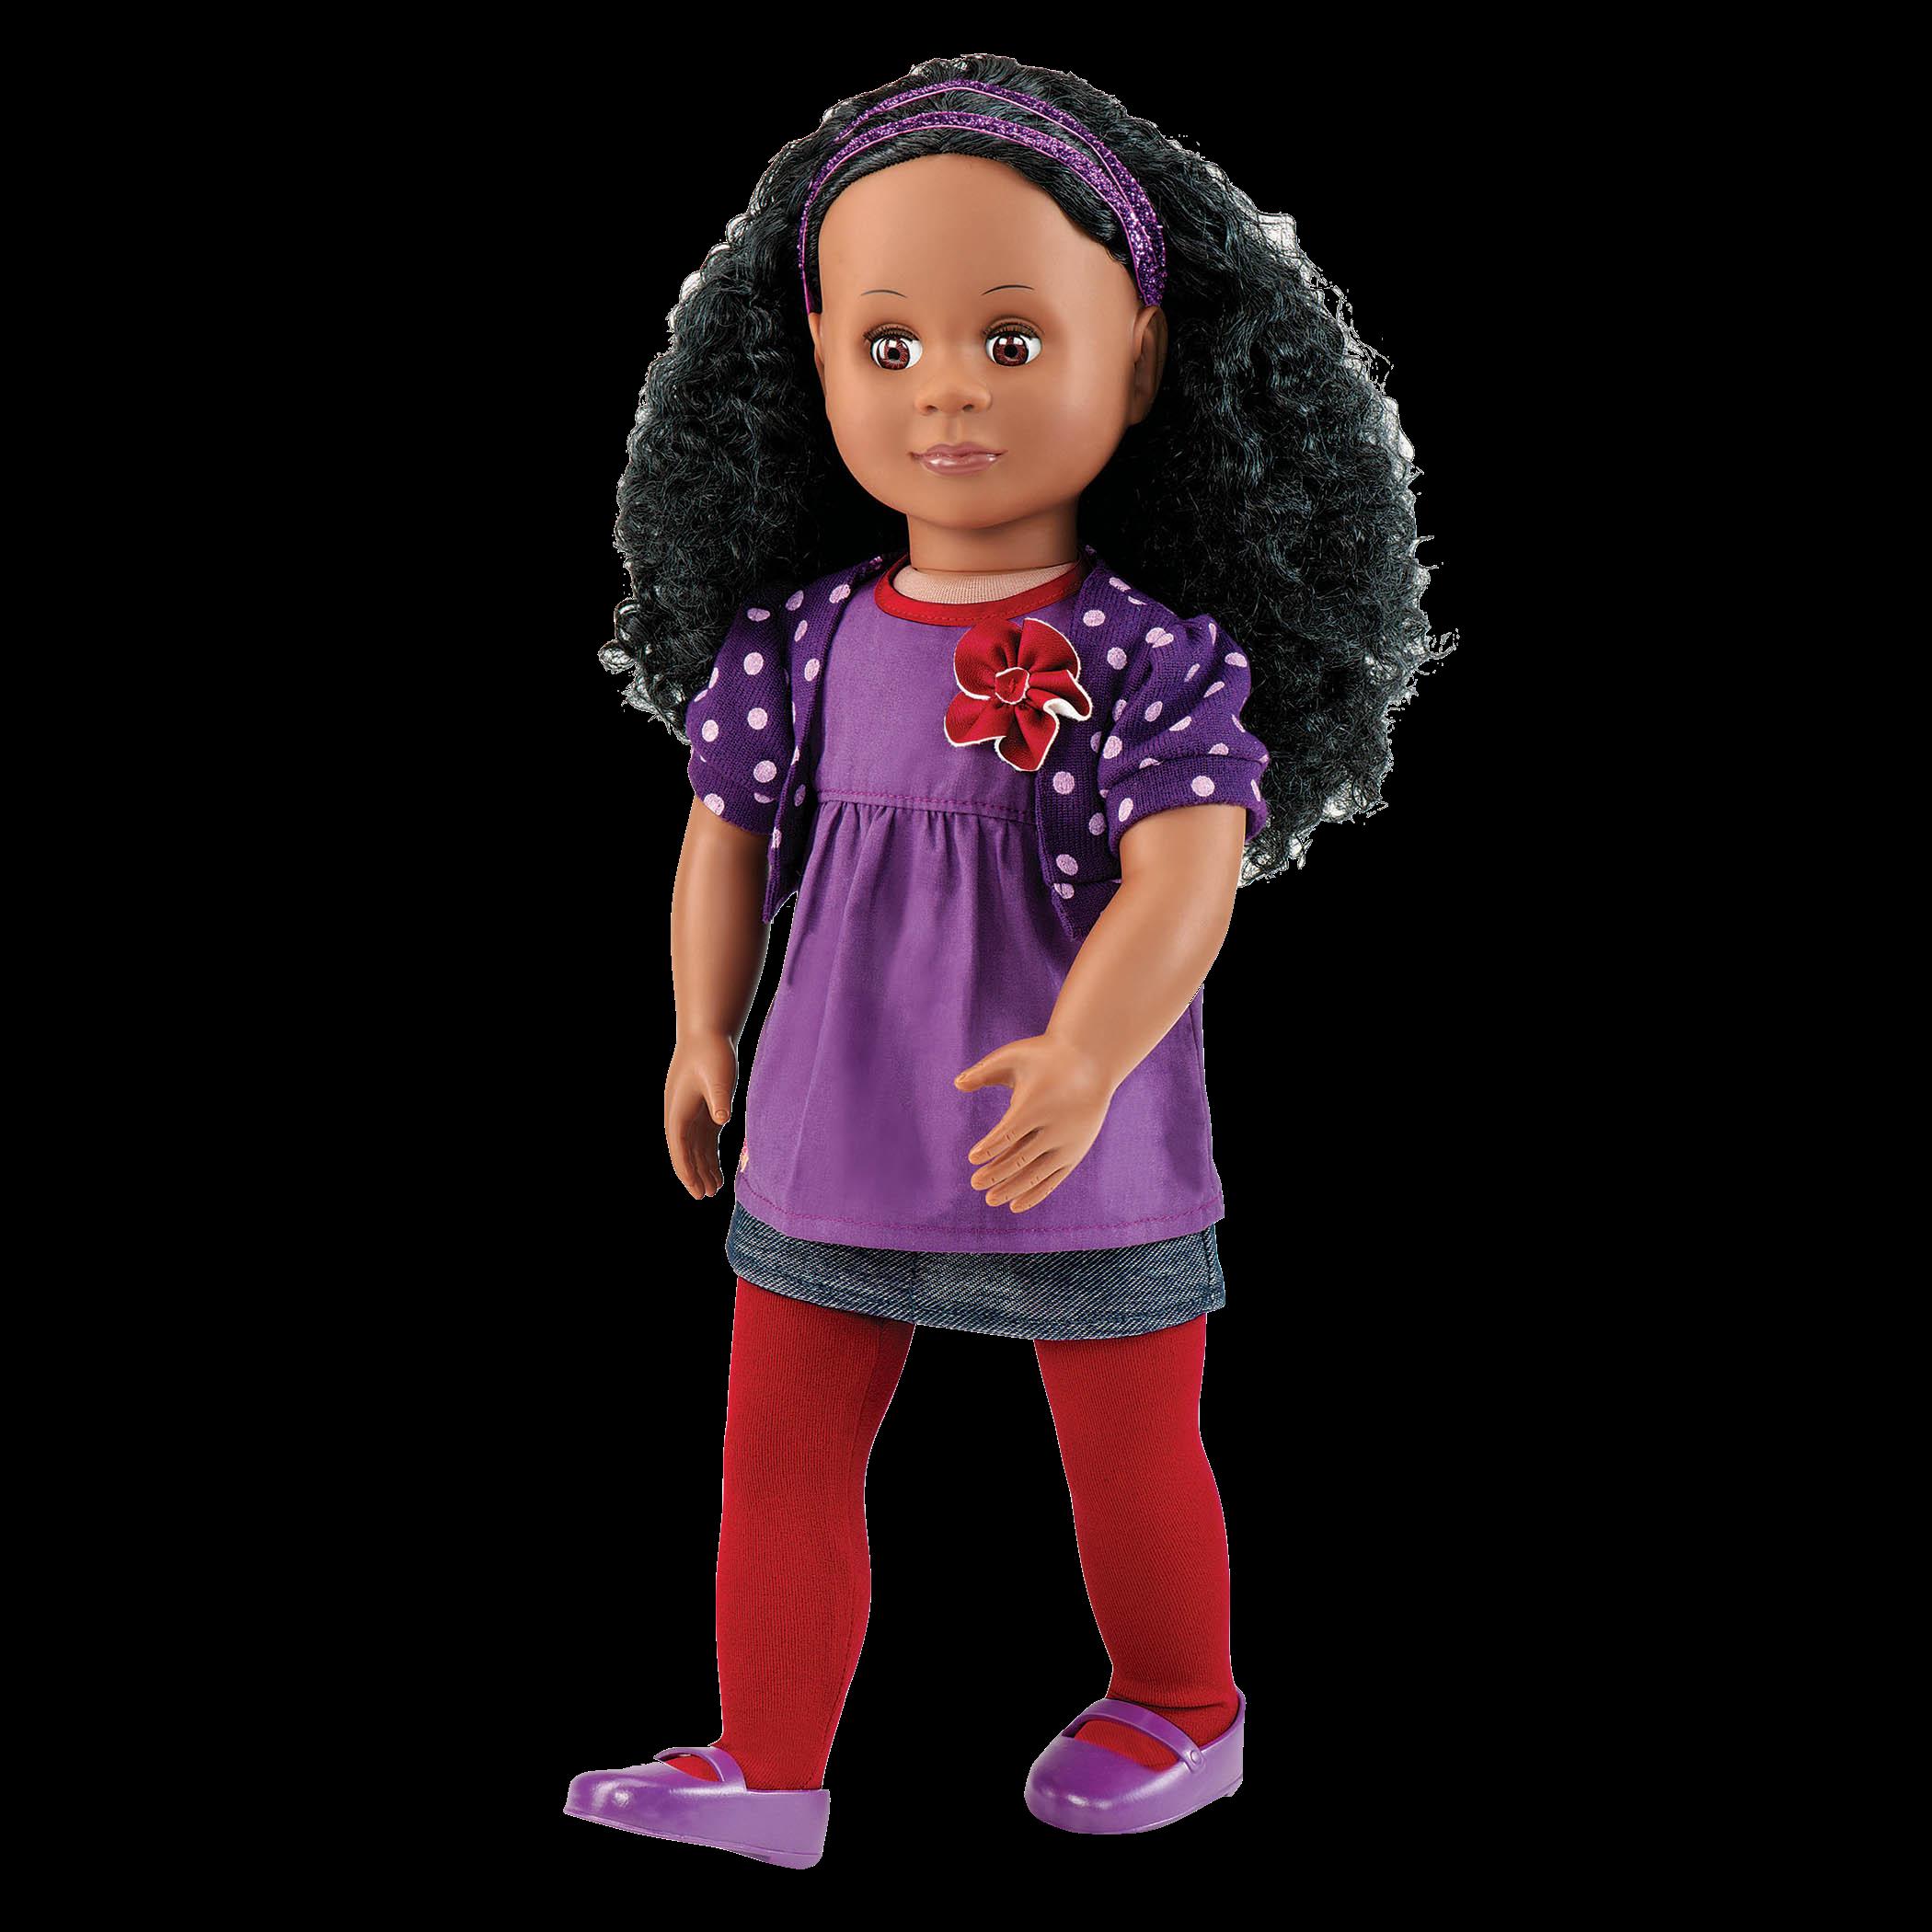 Abrianna 18-inch Doll